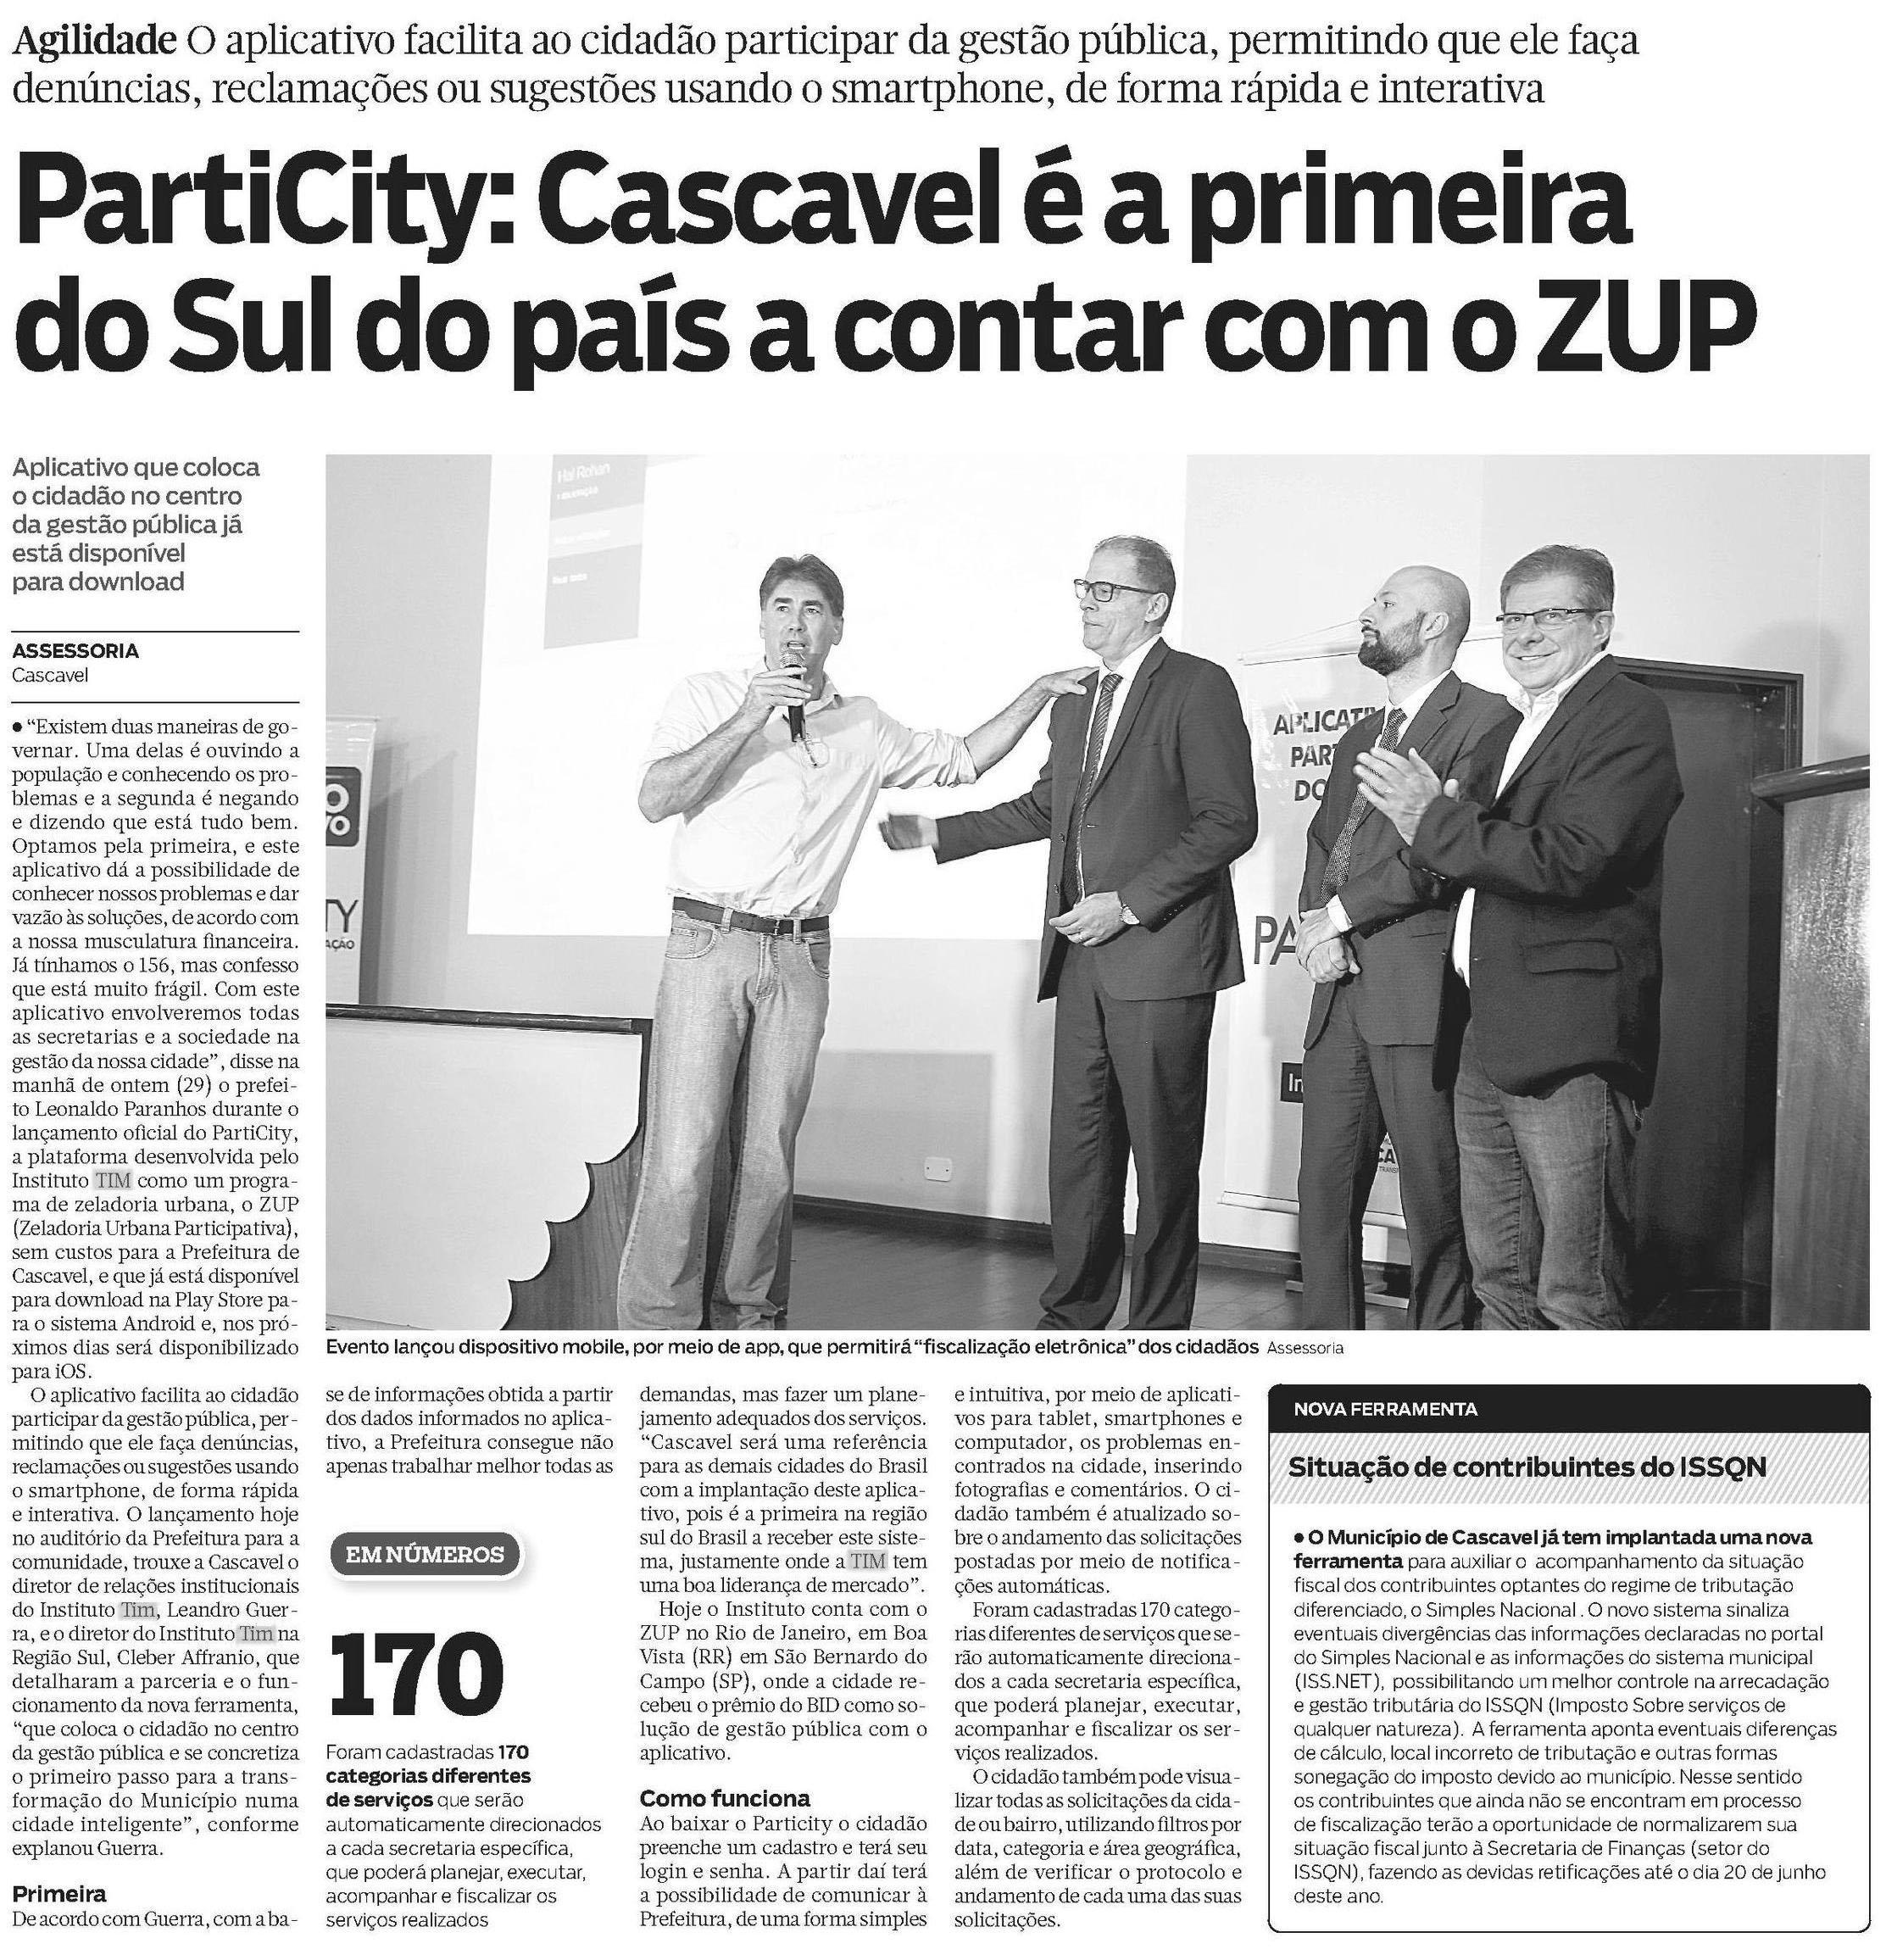 30_05_2017_particity-cascavel-e-a-primeira-do-sul-do-pais-a-contar-com-o-zup_gazeta-do-parana